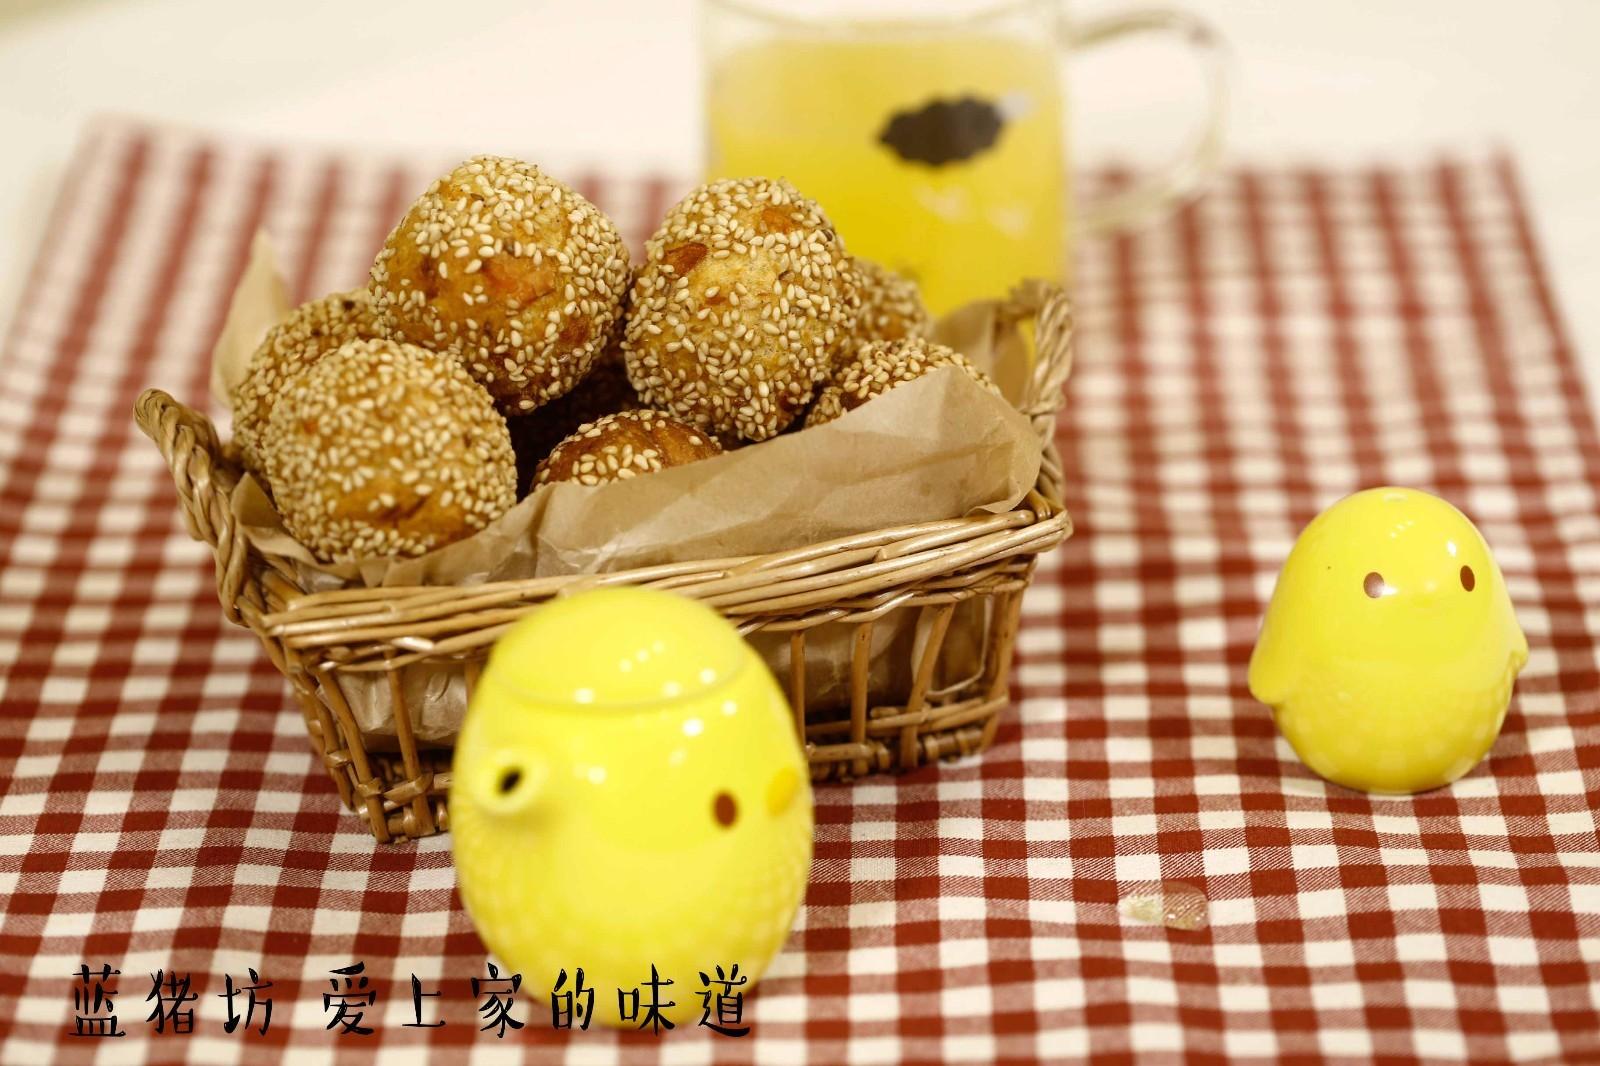 小时候春节必吃零食,80.90后的回忆! - 蓝冰滢 - 蓝猪坊 创意美食工作室